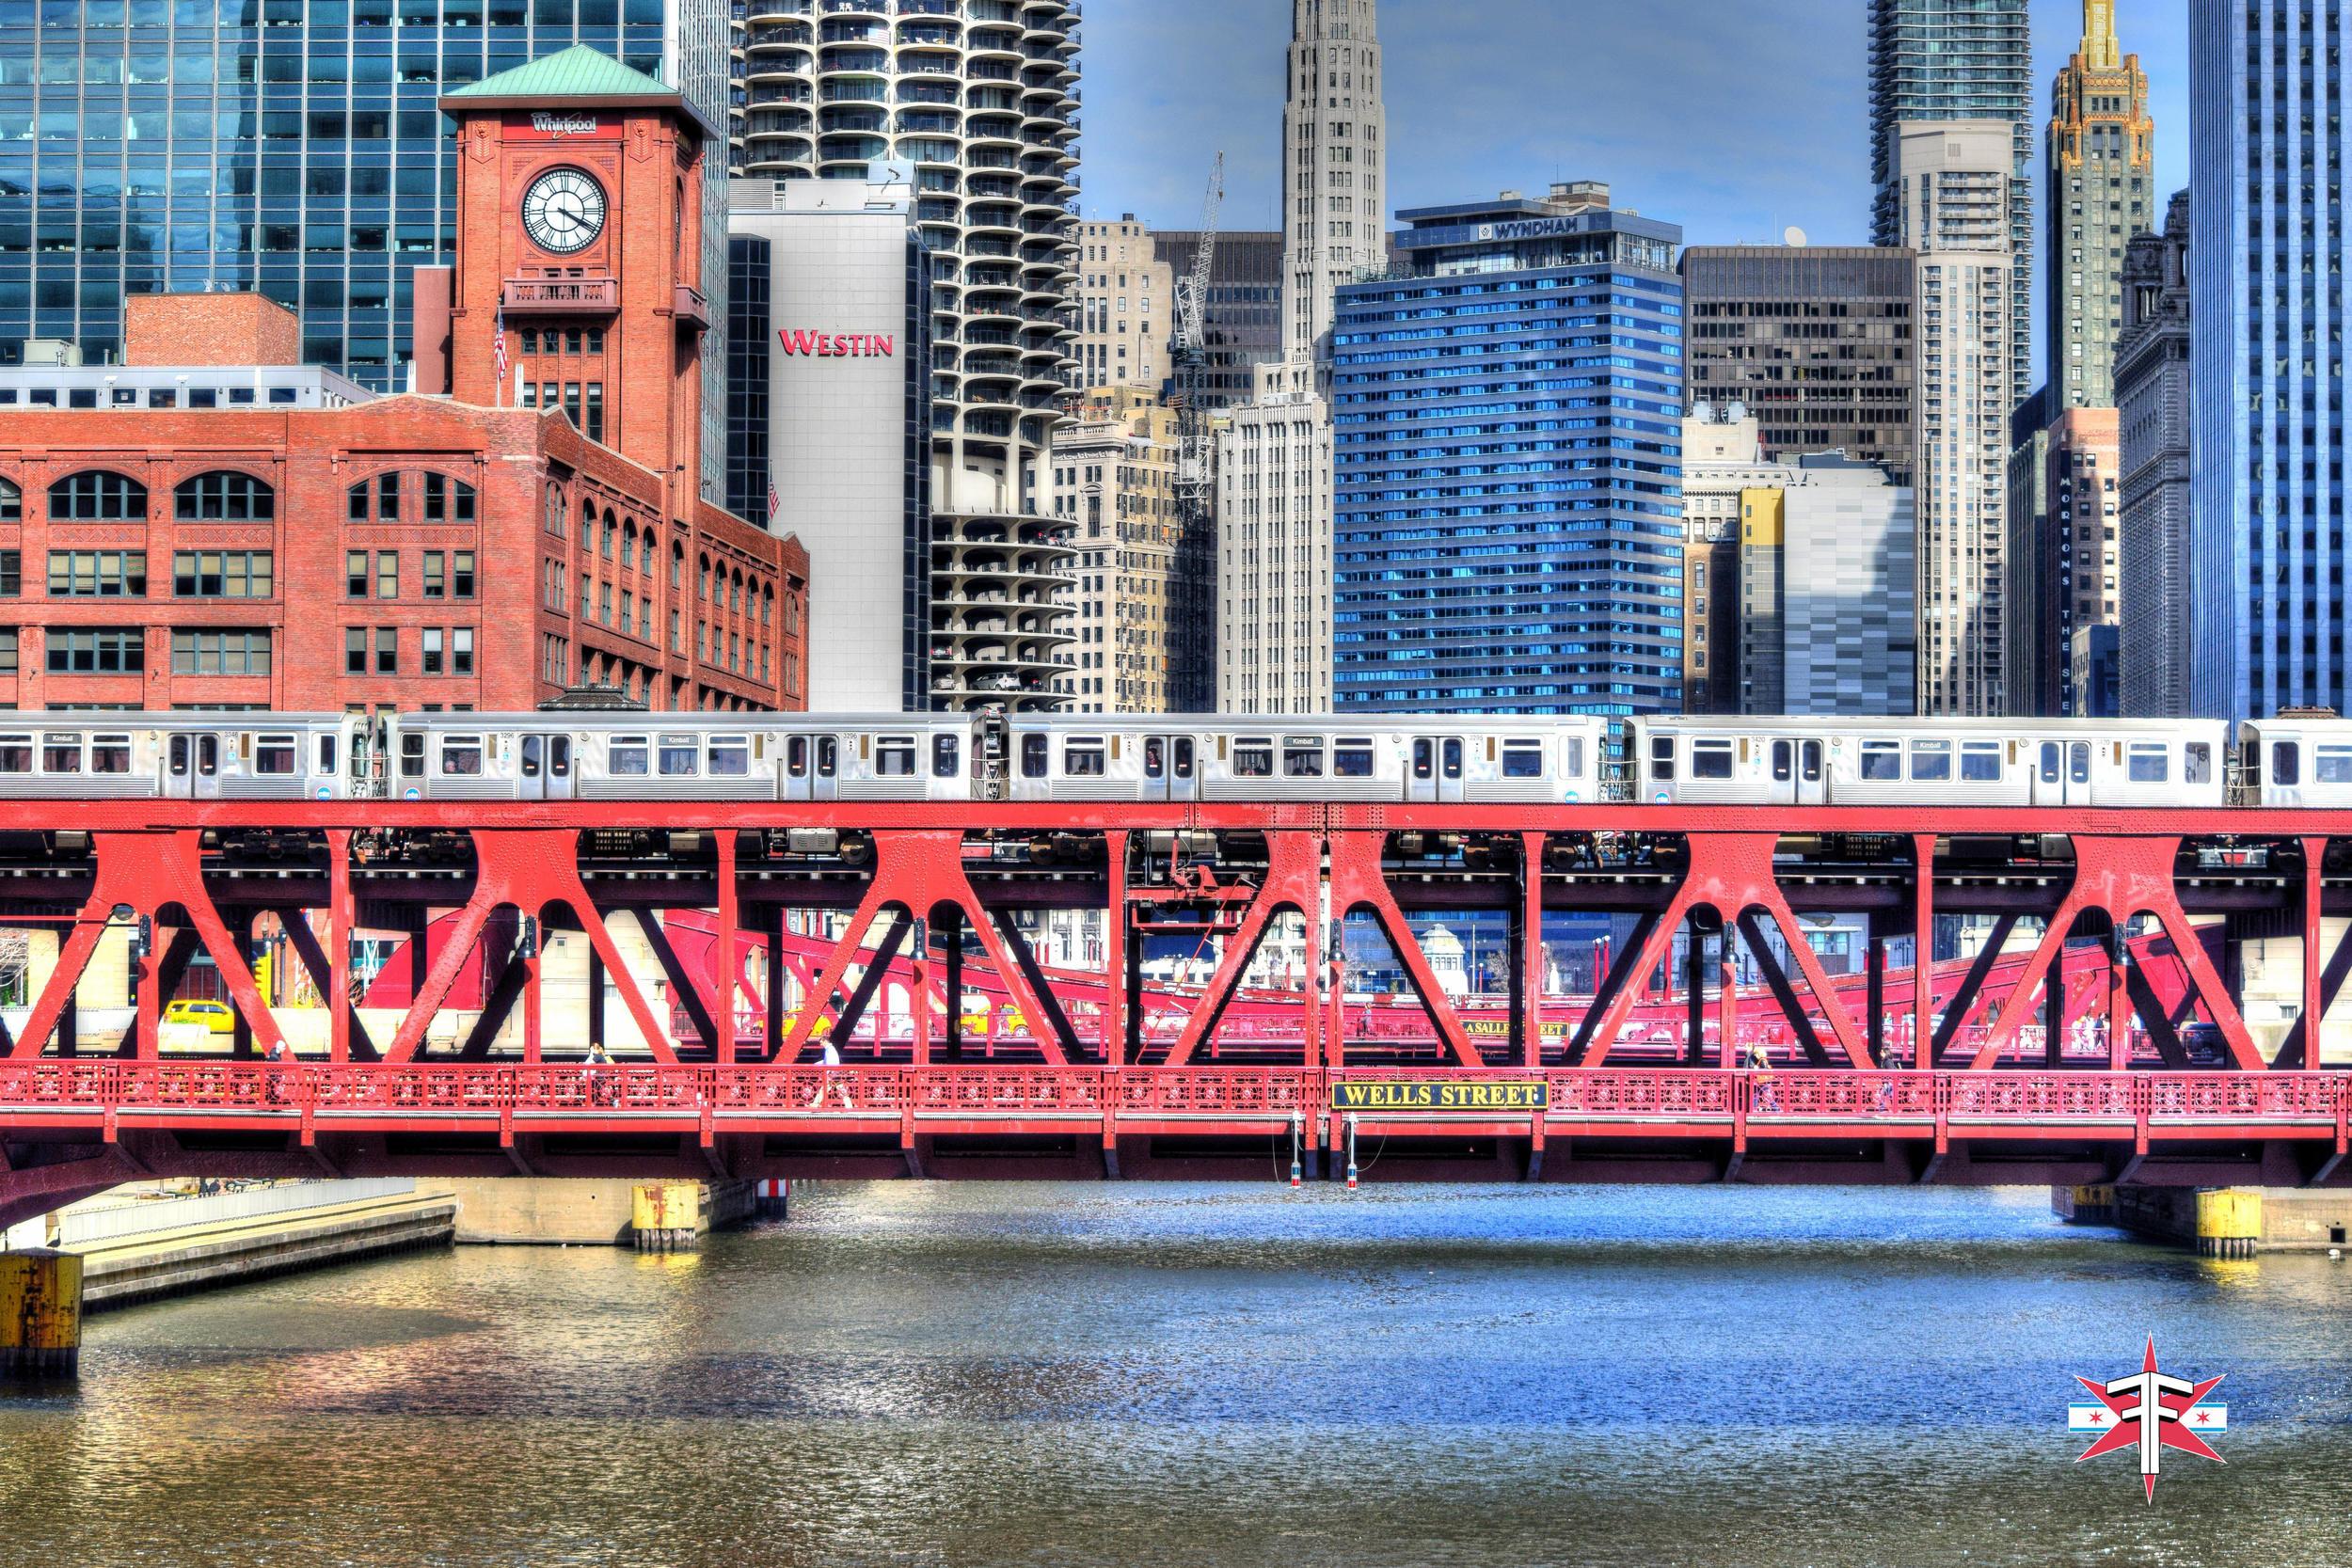 chicago art architecture eric formato photography design arquitectura architettura buildings skyscraper skyscrapers-188.jpg